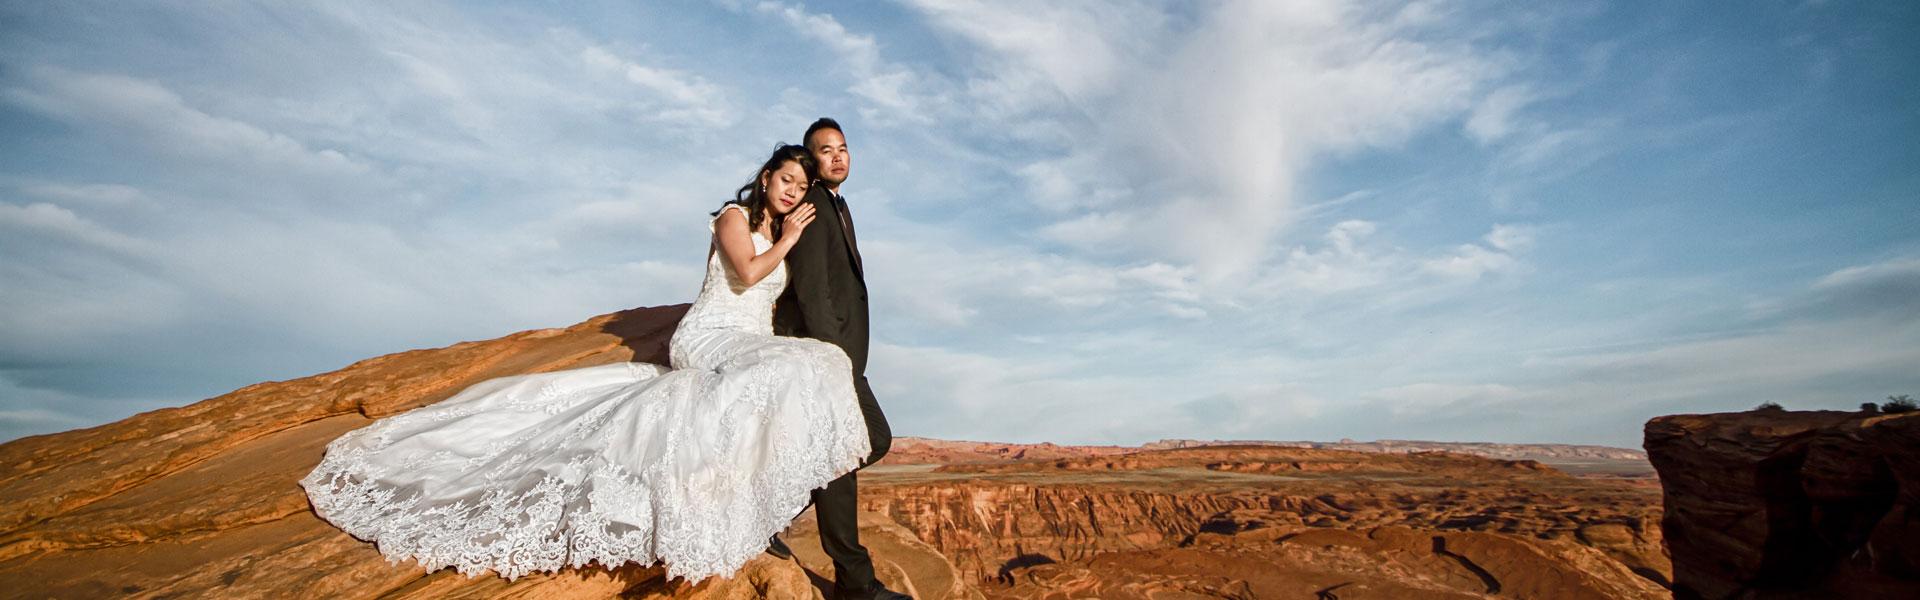 Jocelyne & Olivier Antelope Canyon Utah